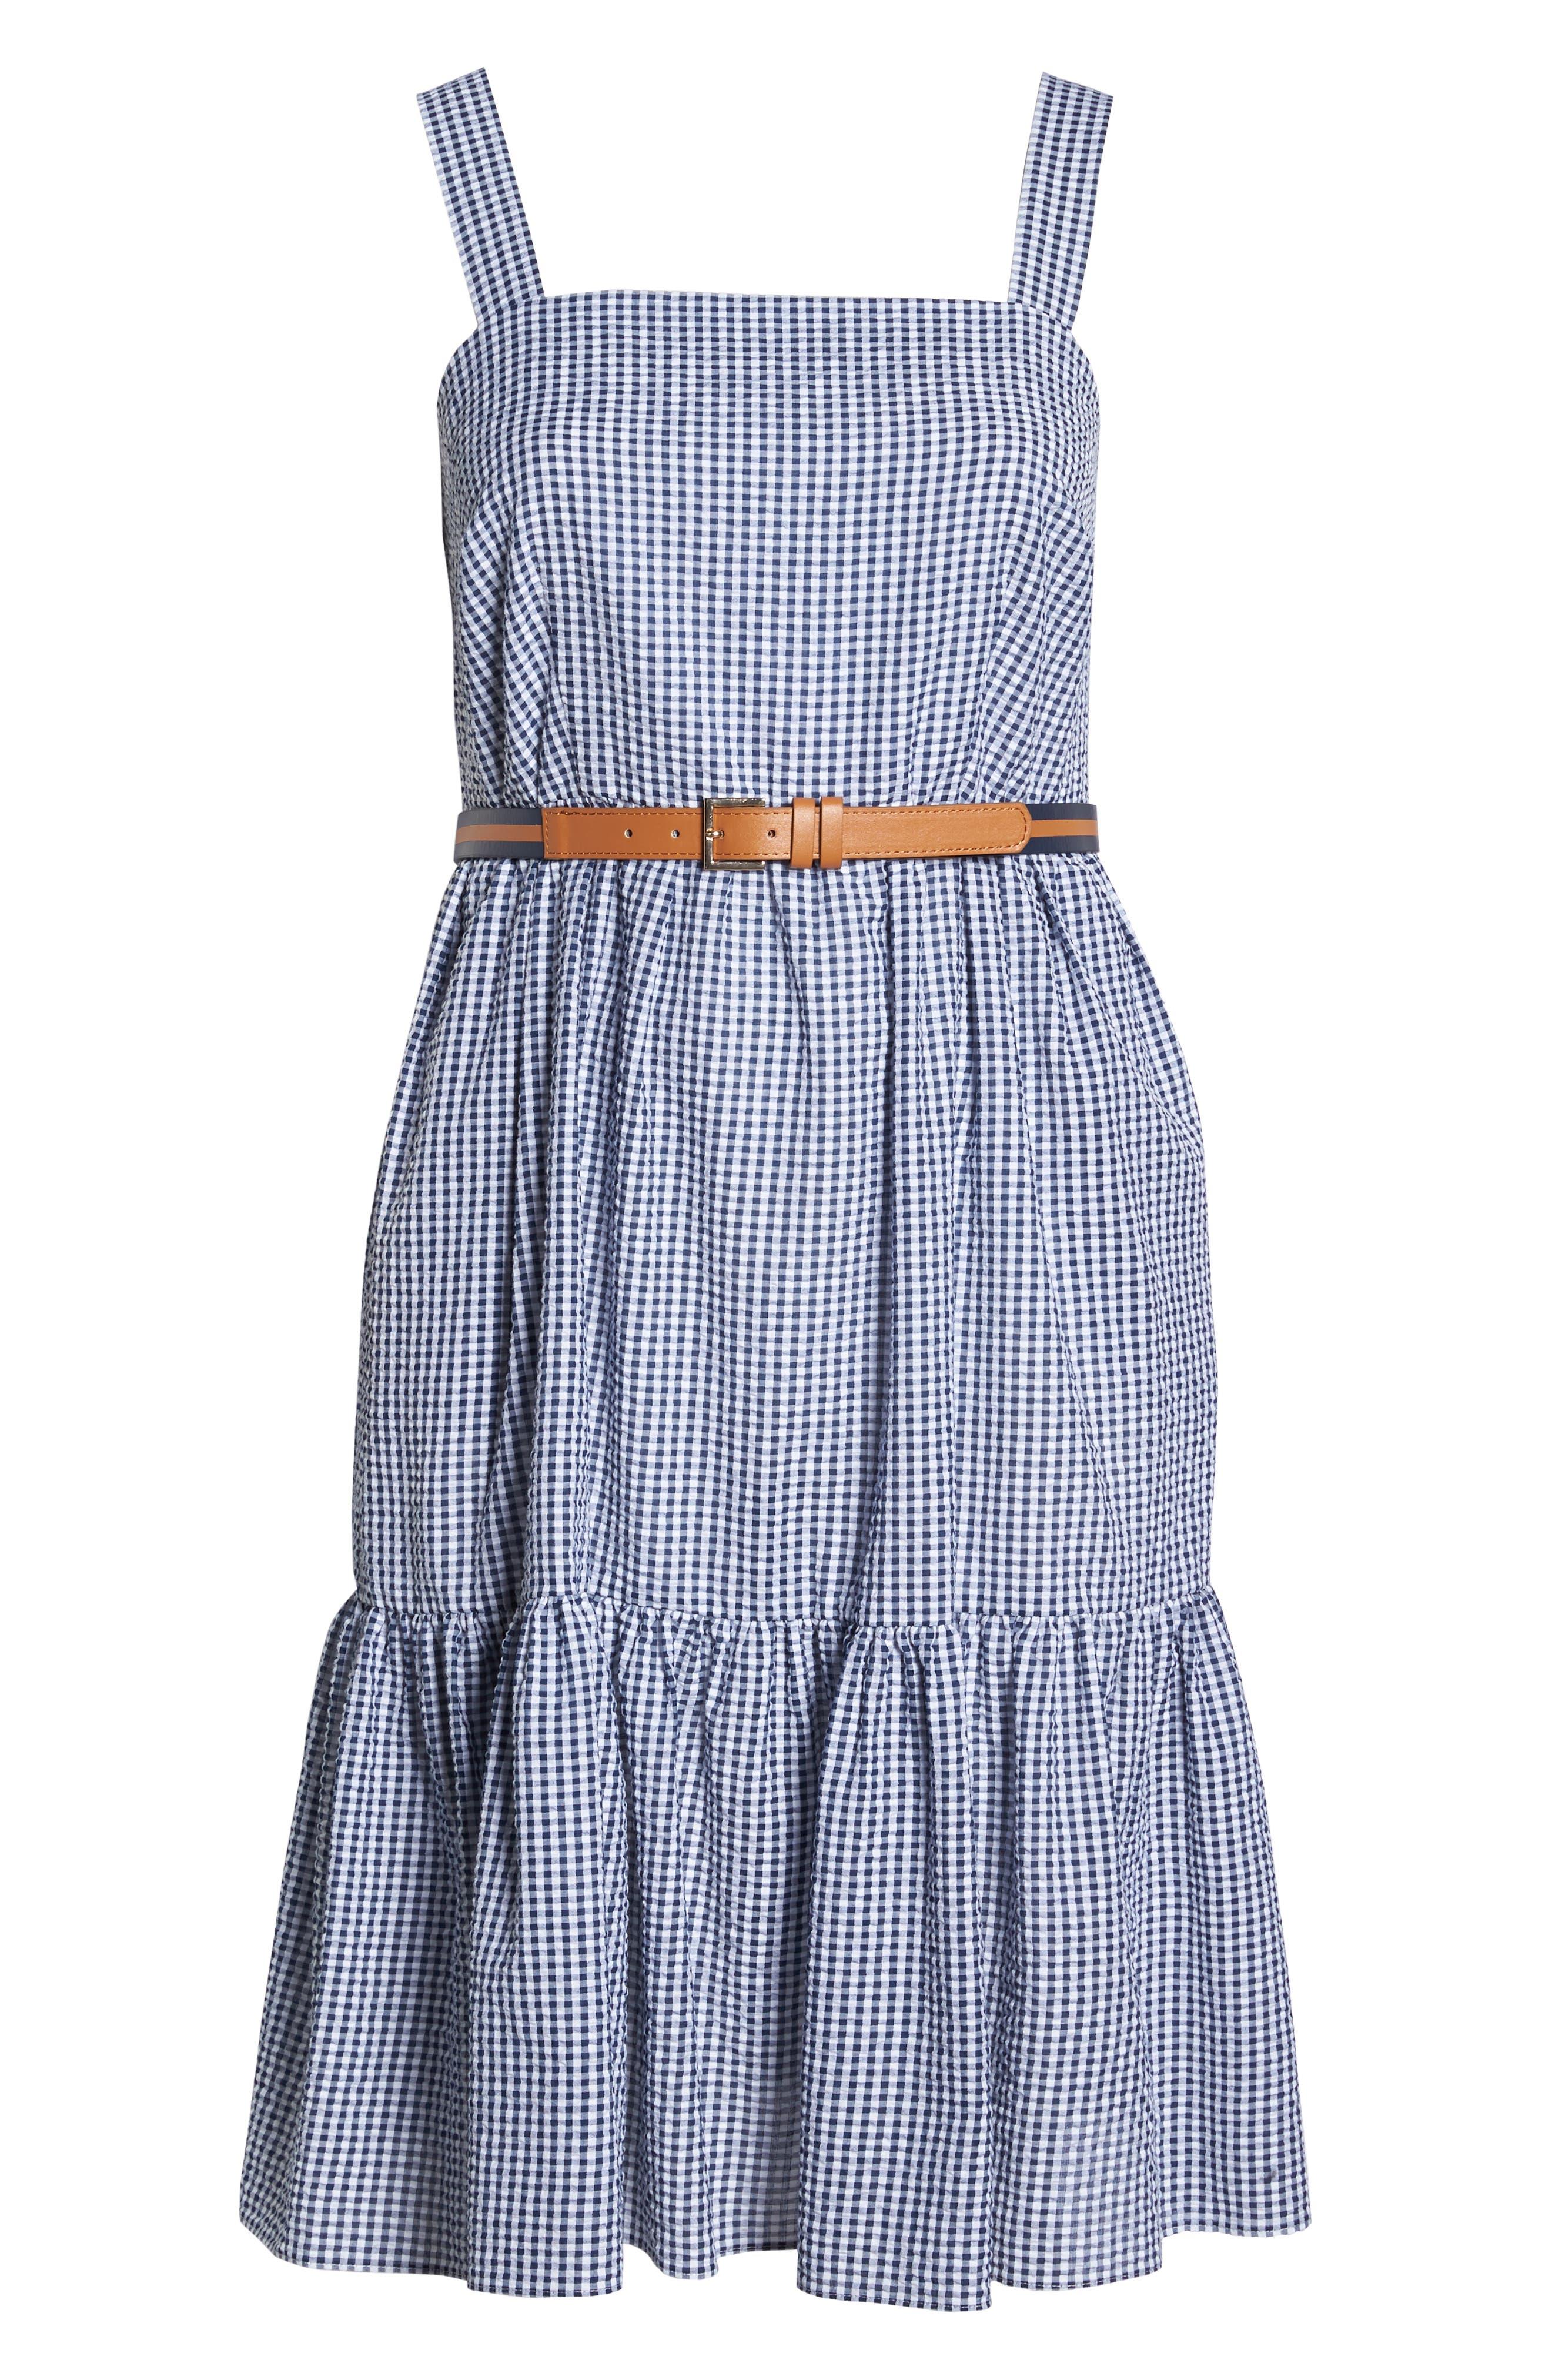 ELIZA J,                             Belted Gingham Seersucker Fit & Flare Dress,                             Alternate thumbnail 7, color,                             410